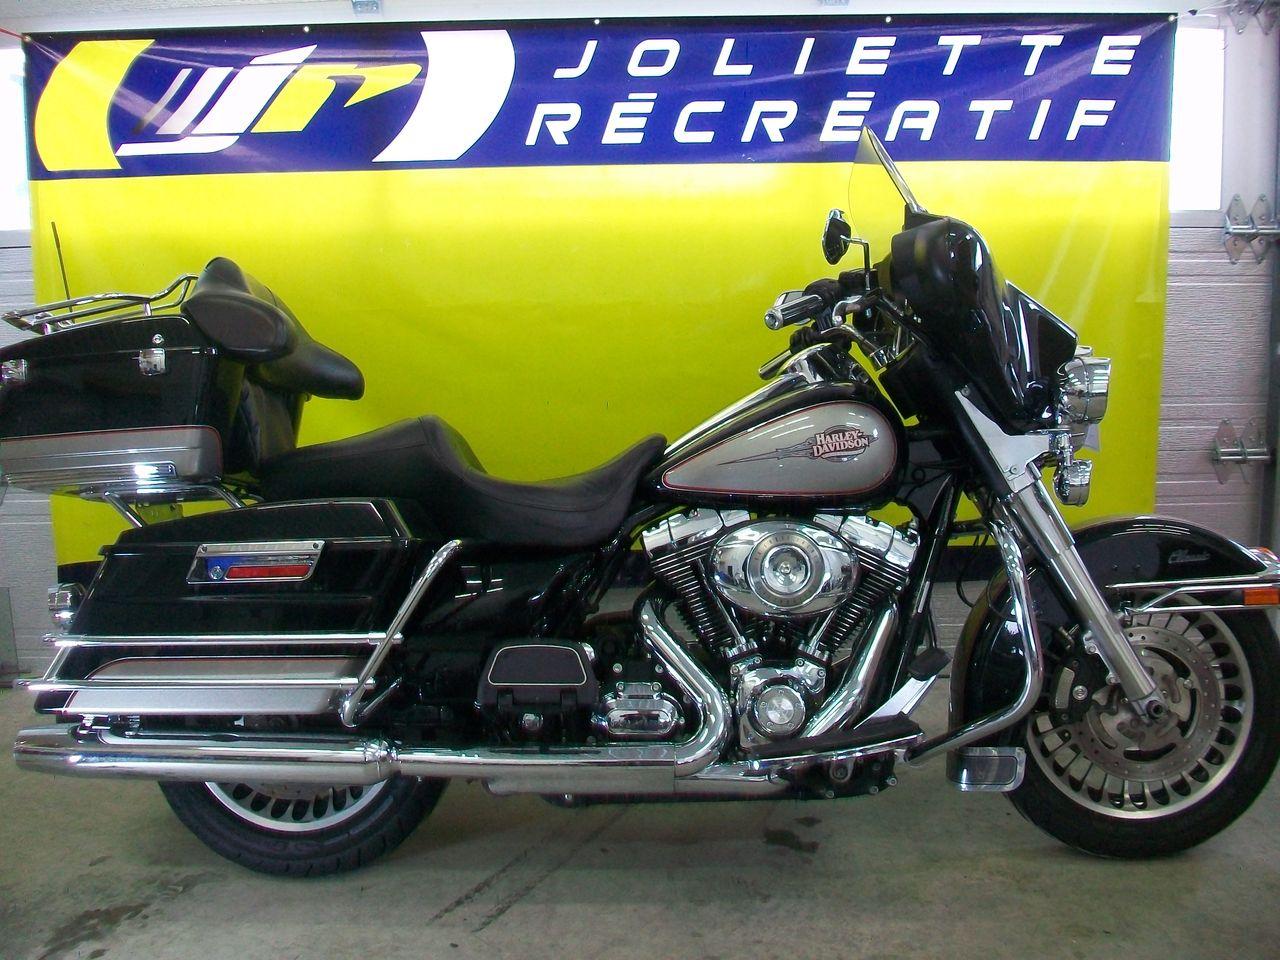 2009 Harley FLHTC 16,495$